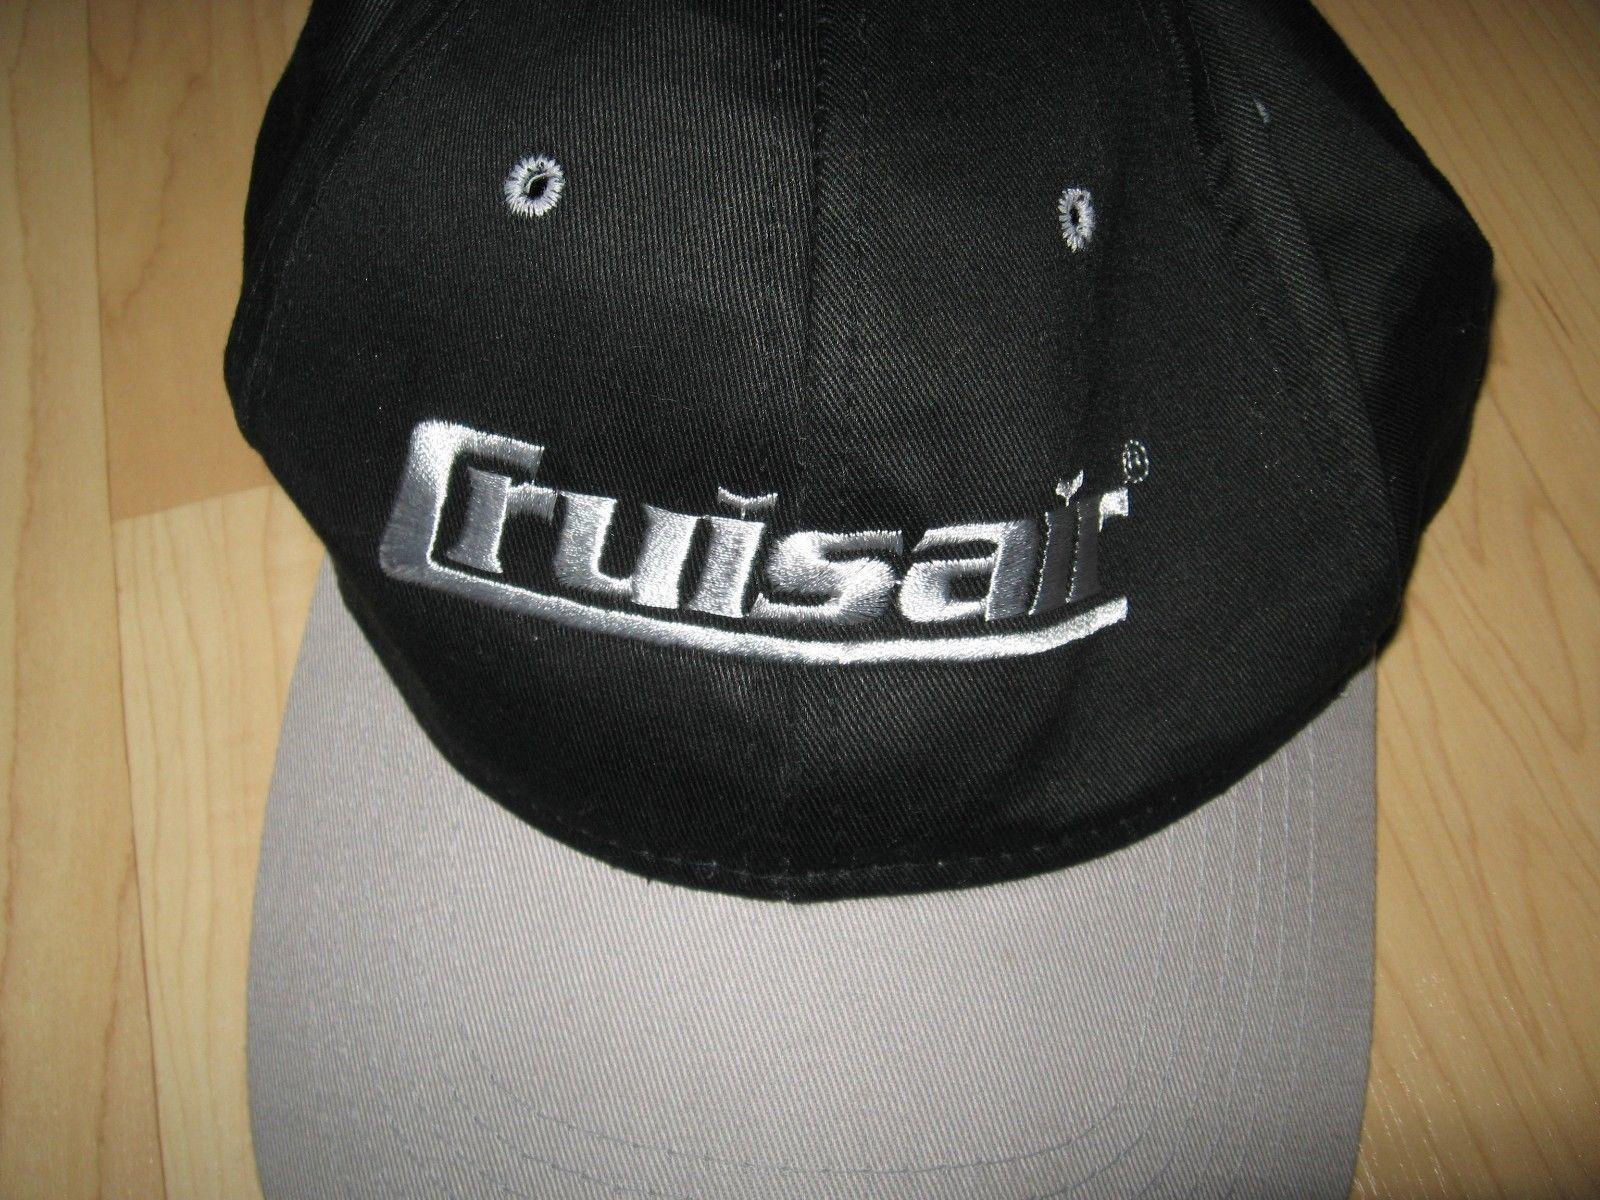 Crusair Marine Air Conditionné USA Commercial Pleasure Bateau Baseball